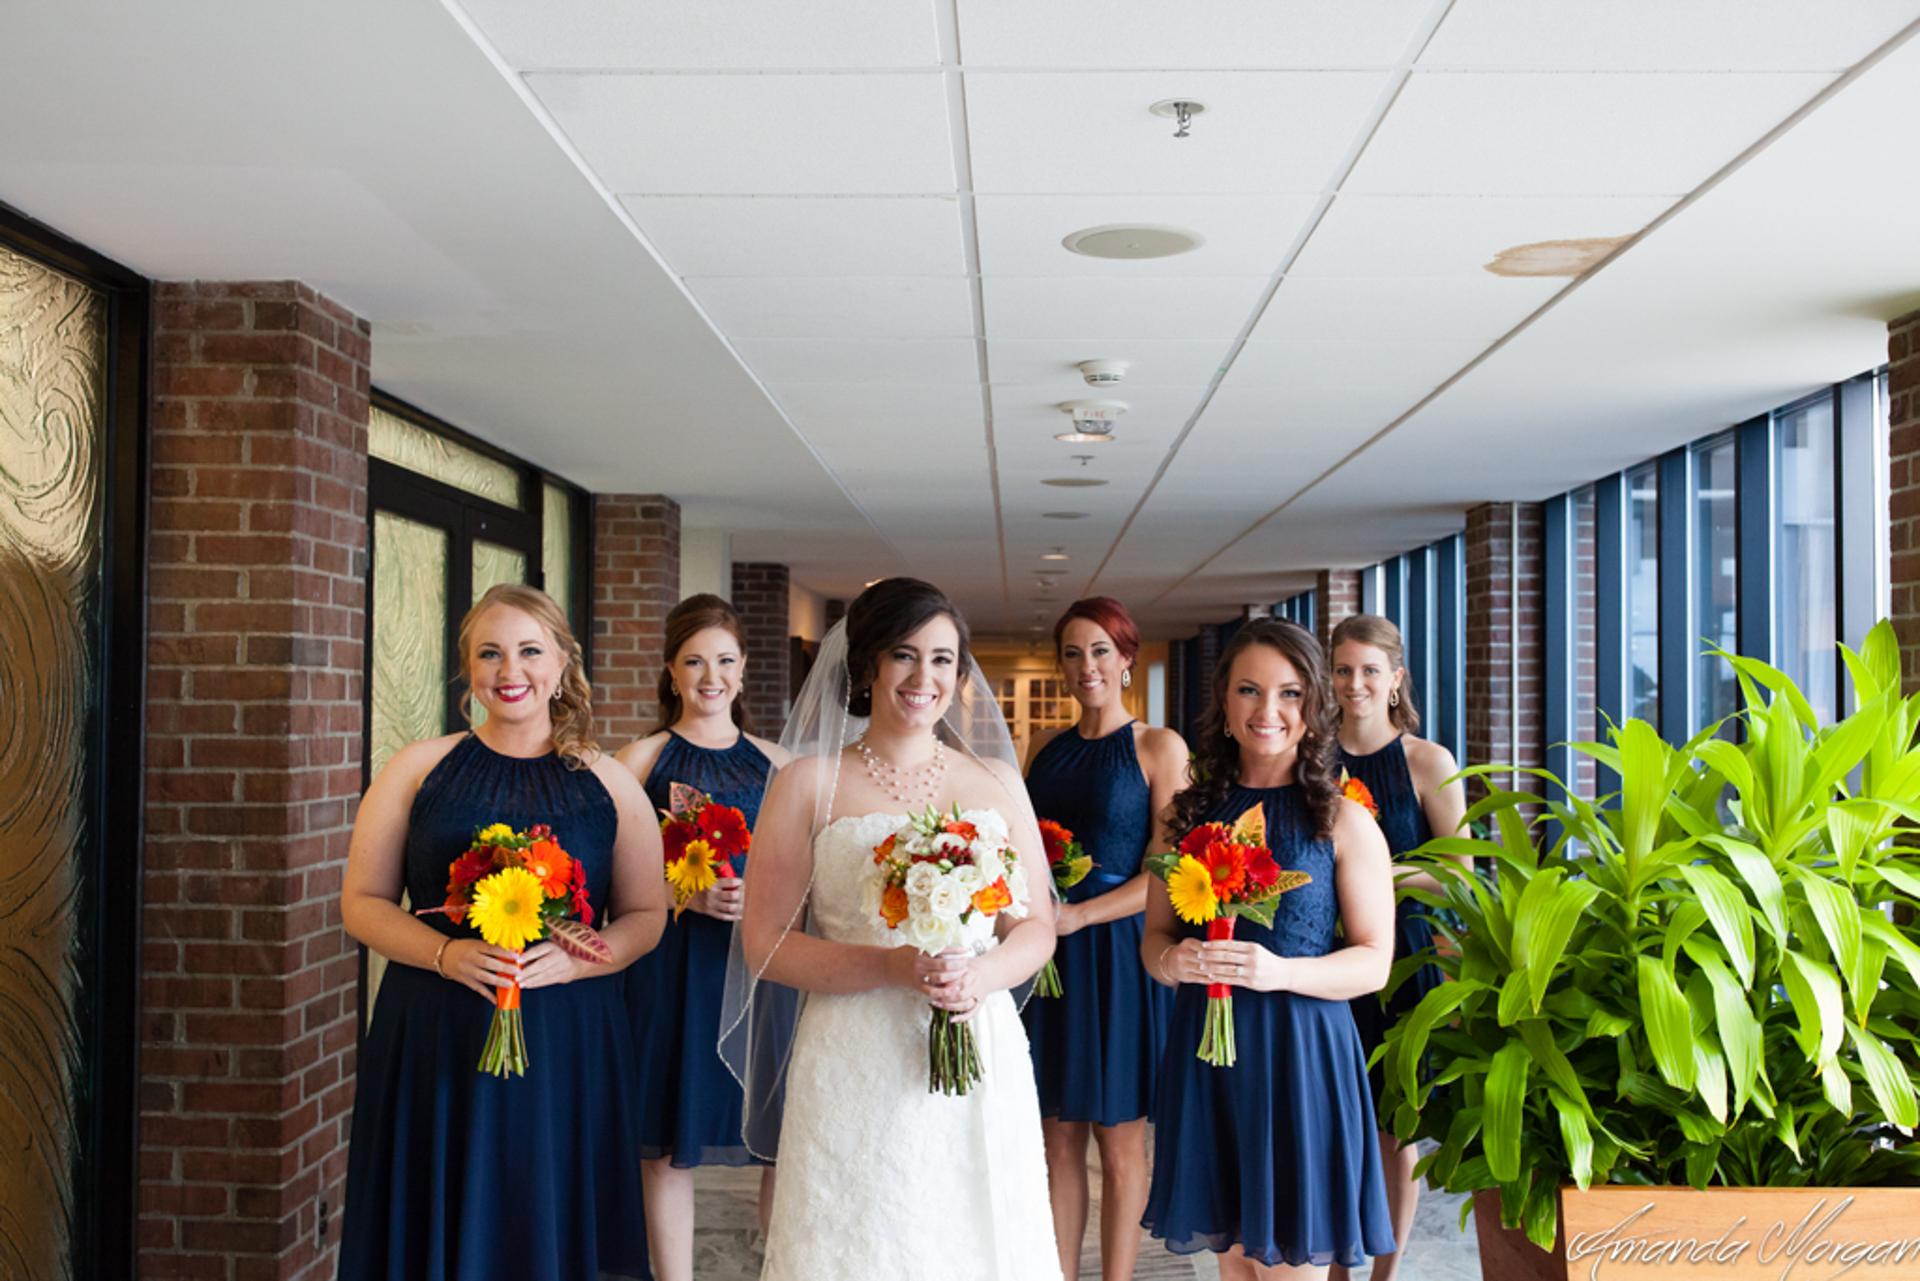 hyatt-regency-newport-wedding-36.jpg